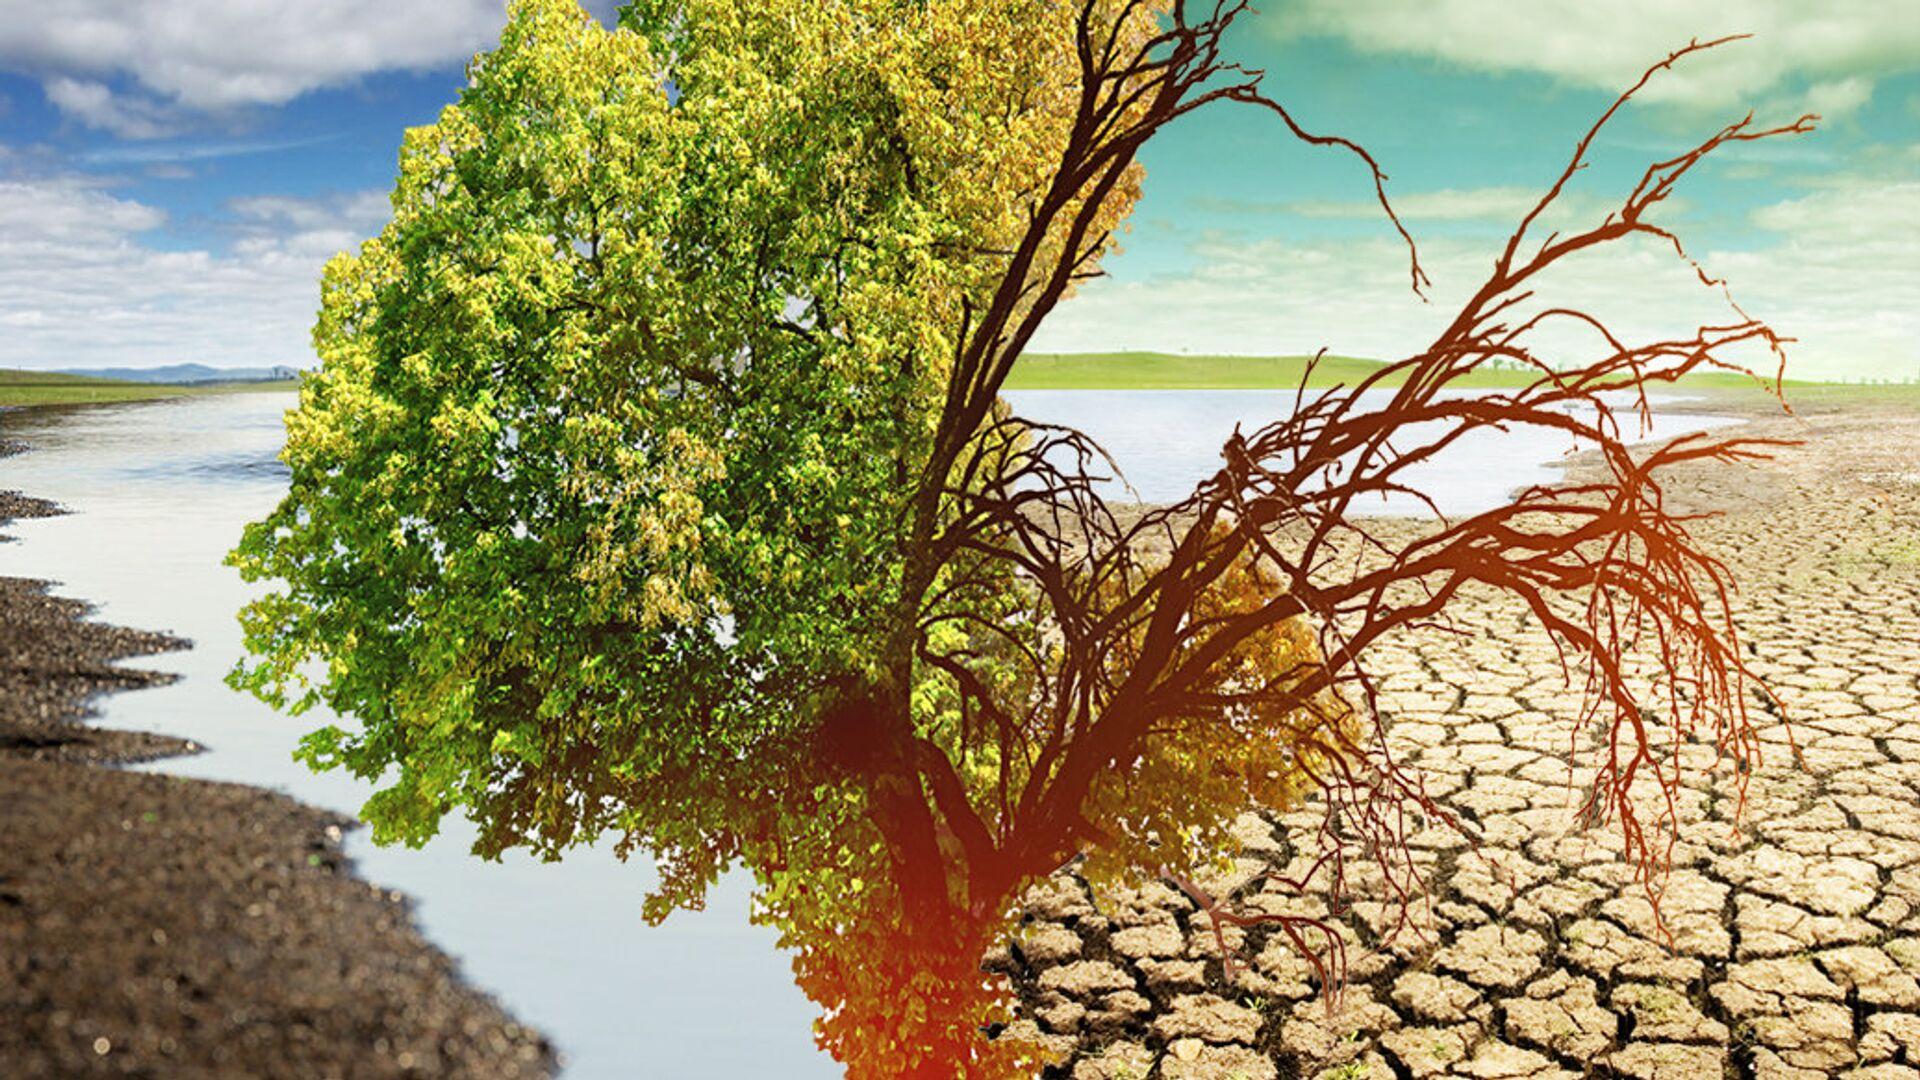 Изменение климата и водные войны - РИА Новости, 1920, 12.11.2020